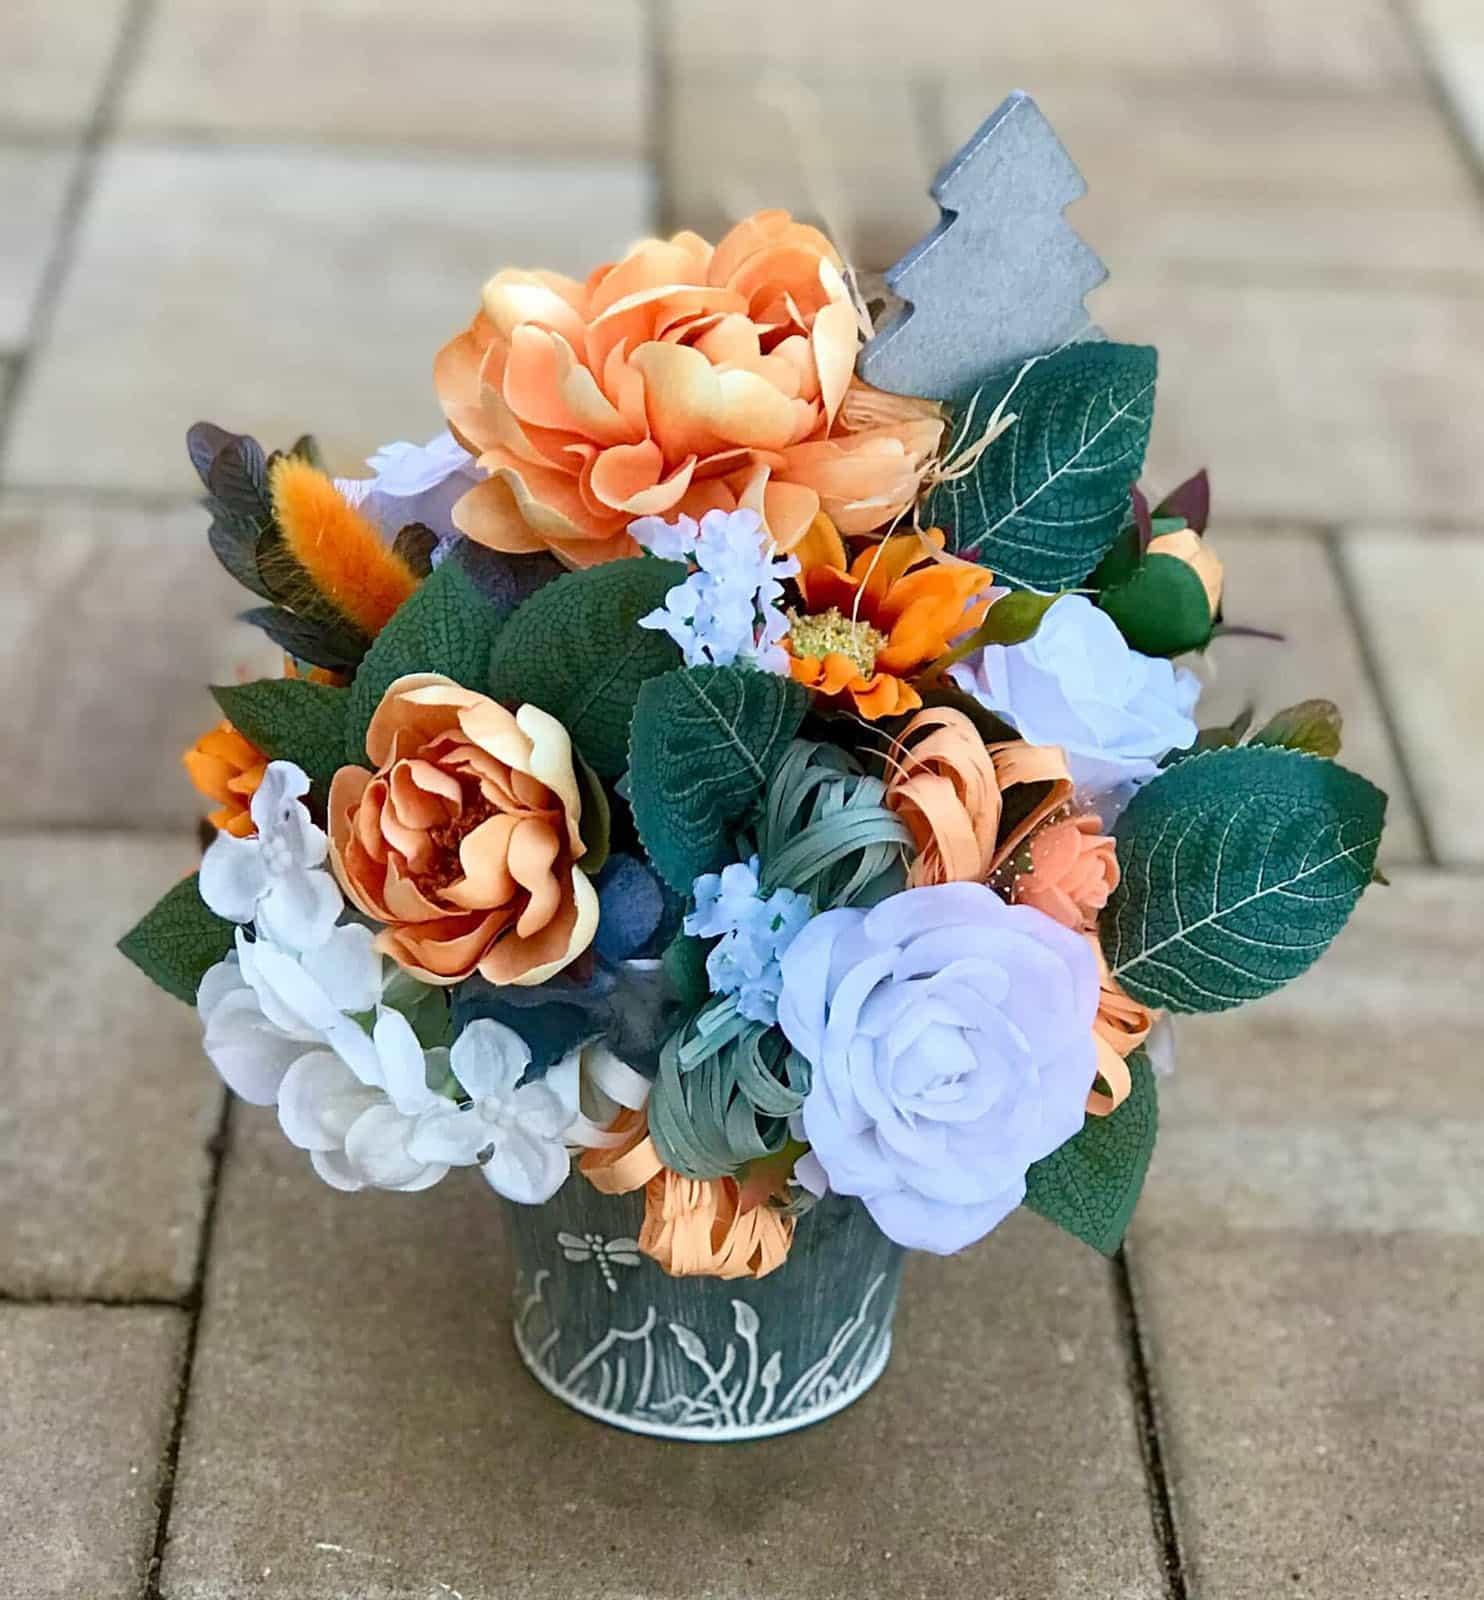 Květináček v oranžové barvě